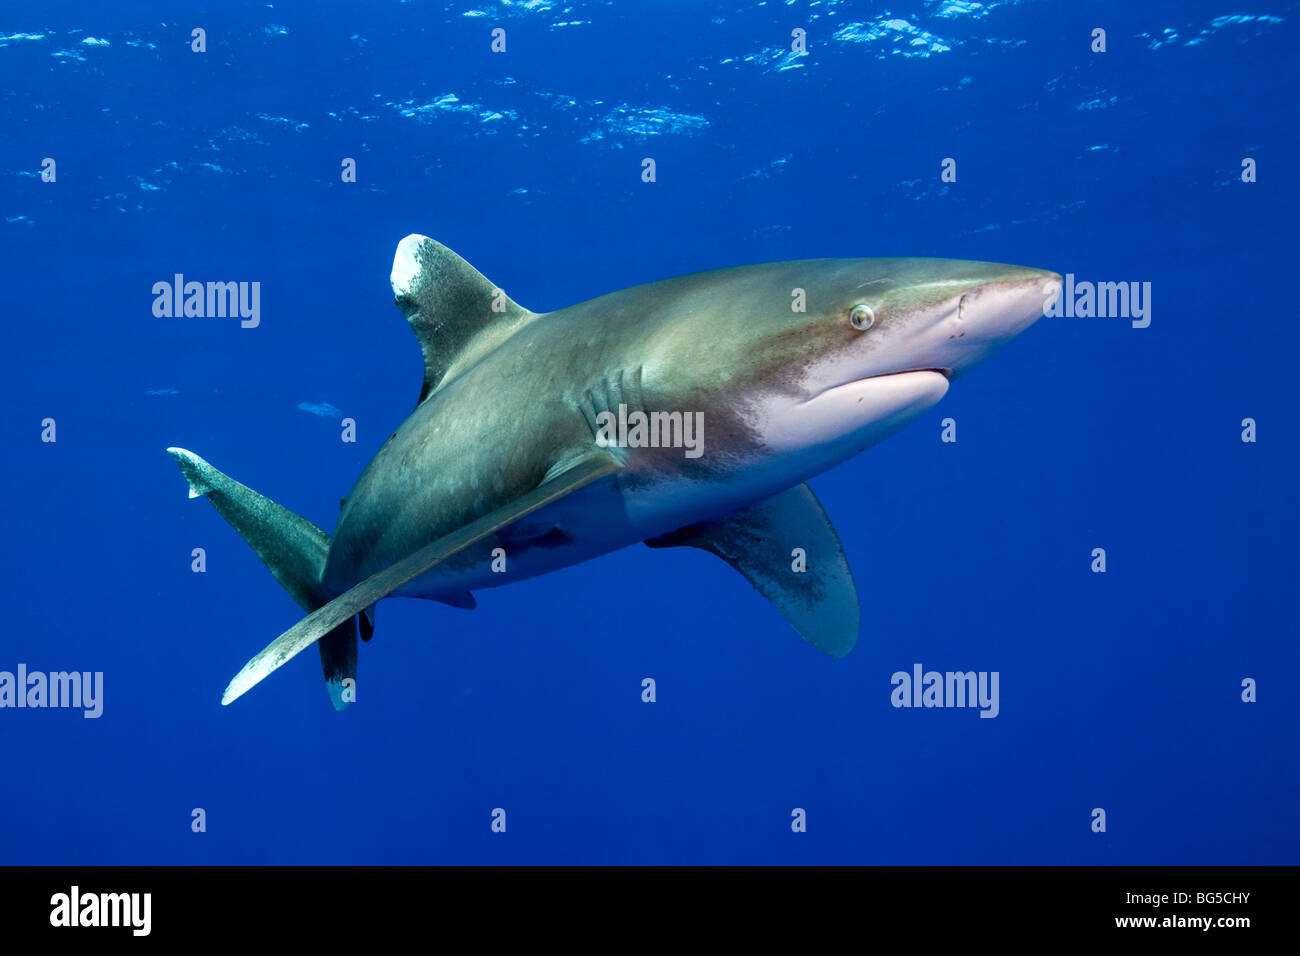 El tiburón oceánico de punta blanca en el Mar Rojo, Egipto, submarino, depredador, aturdido, agua azul, Imagen De Stock